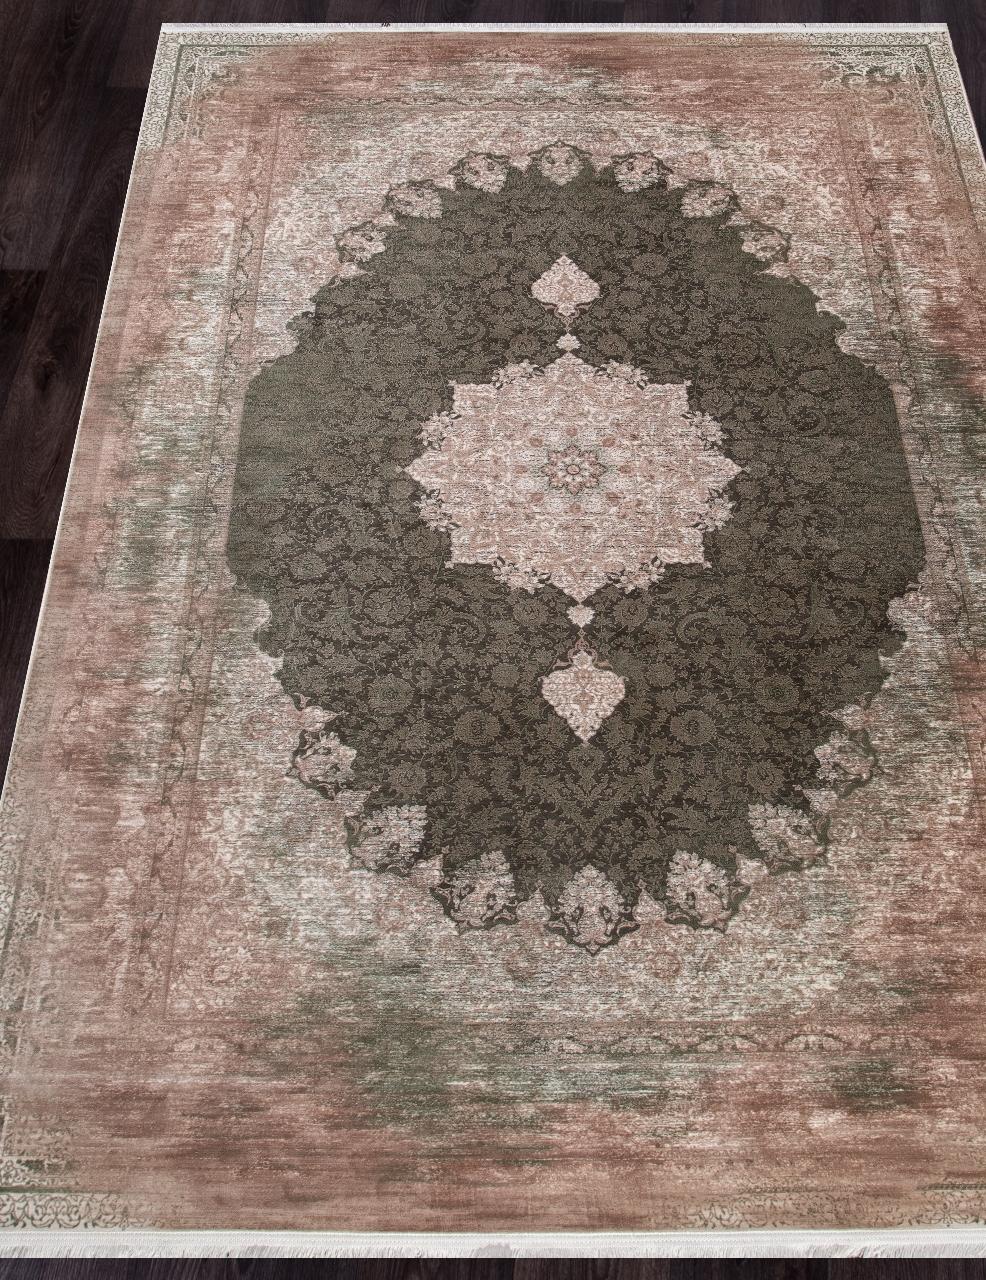 Ковер 8214 - CREAM - Прямоугольник - коллекция NOYAN - фото 1